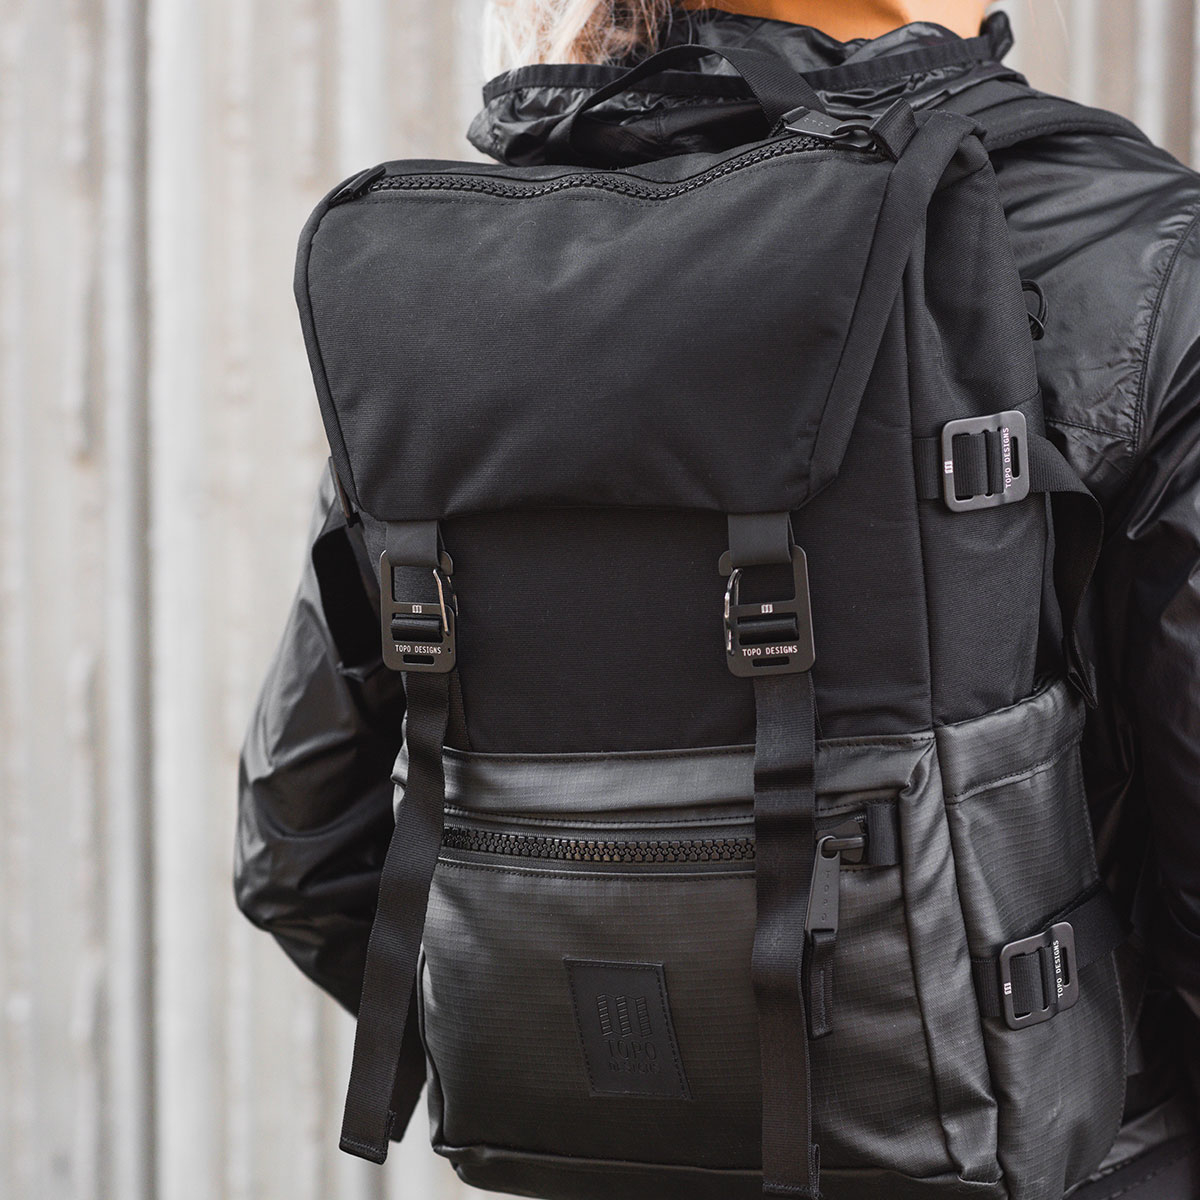 Topo Designs Rover Pack Premium Black, der ideale Rucksack für den täglichen Gebrauch